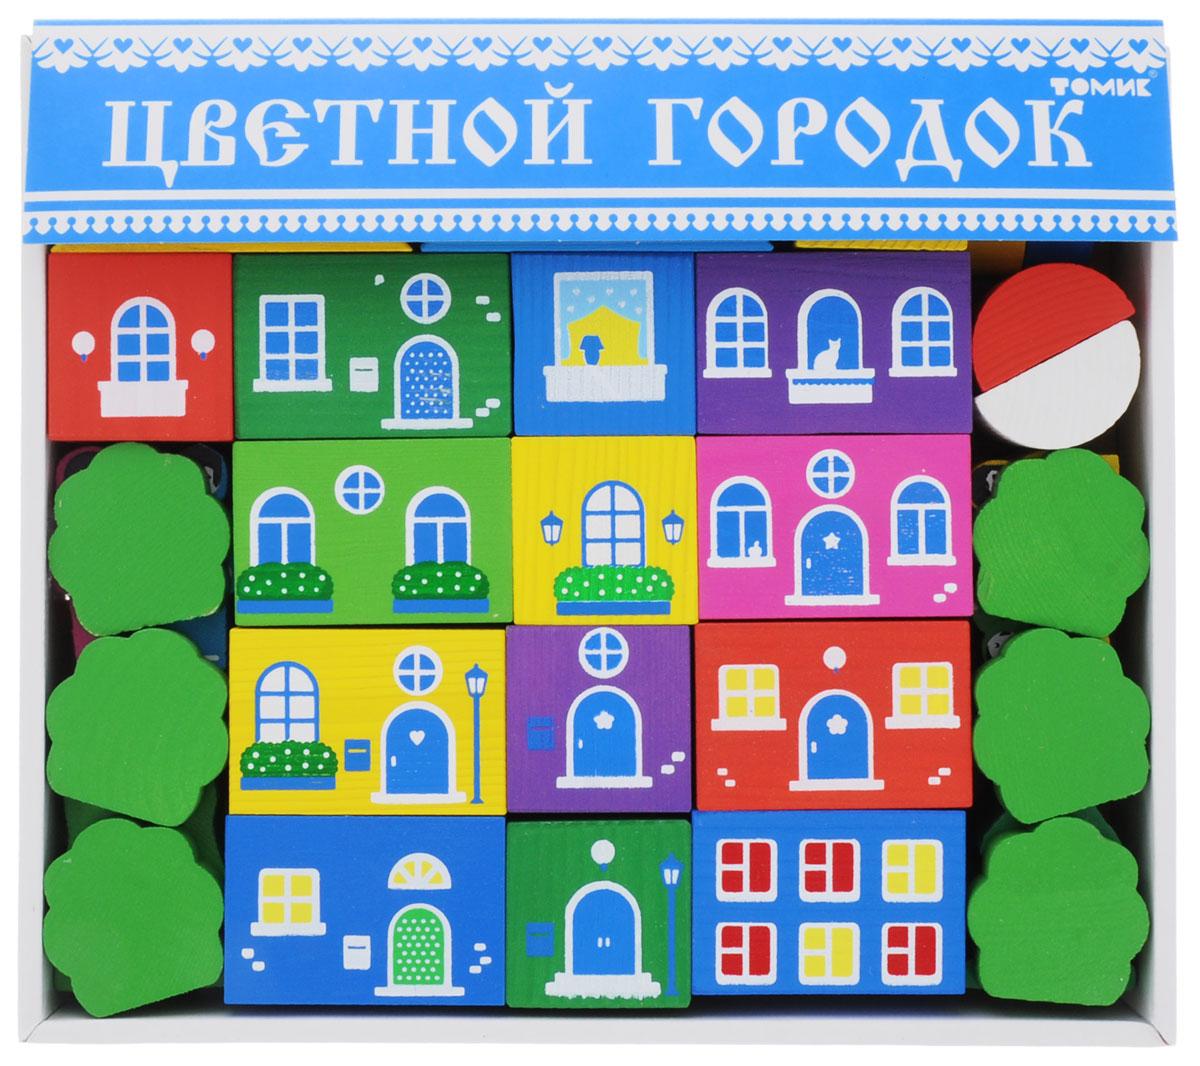 Томик Конструктор Цветной городок конструктор для малышей томик веселый городок